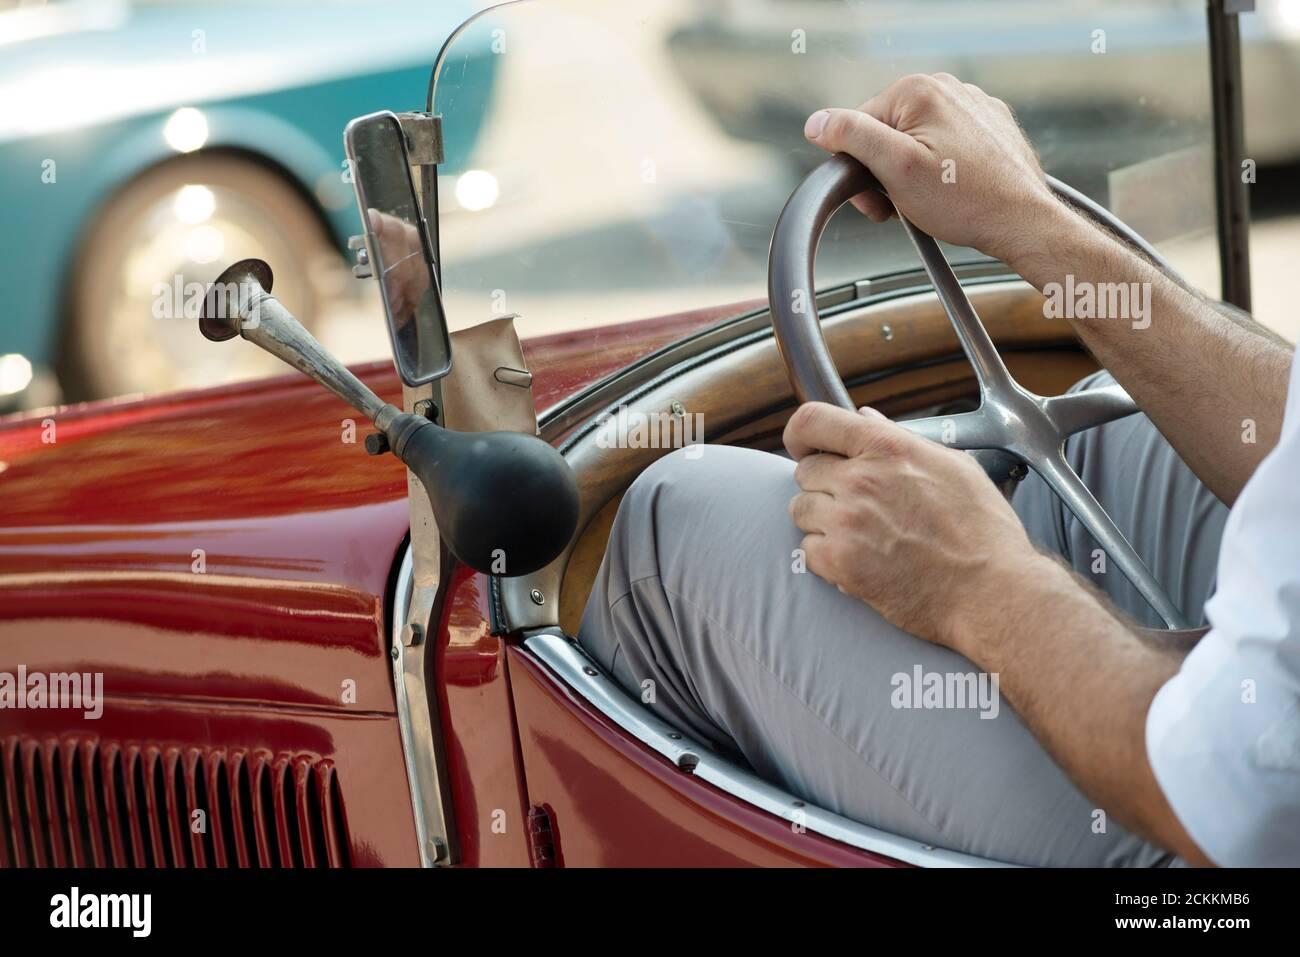 Italie, Lombardie, rencontre de voiture d'époque, homme conduisant une voiture d'époque Banque D'Images